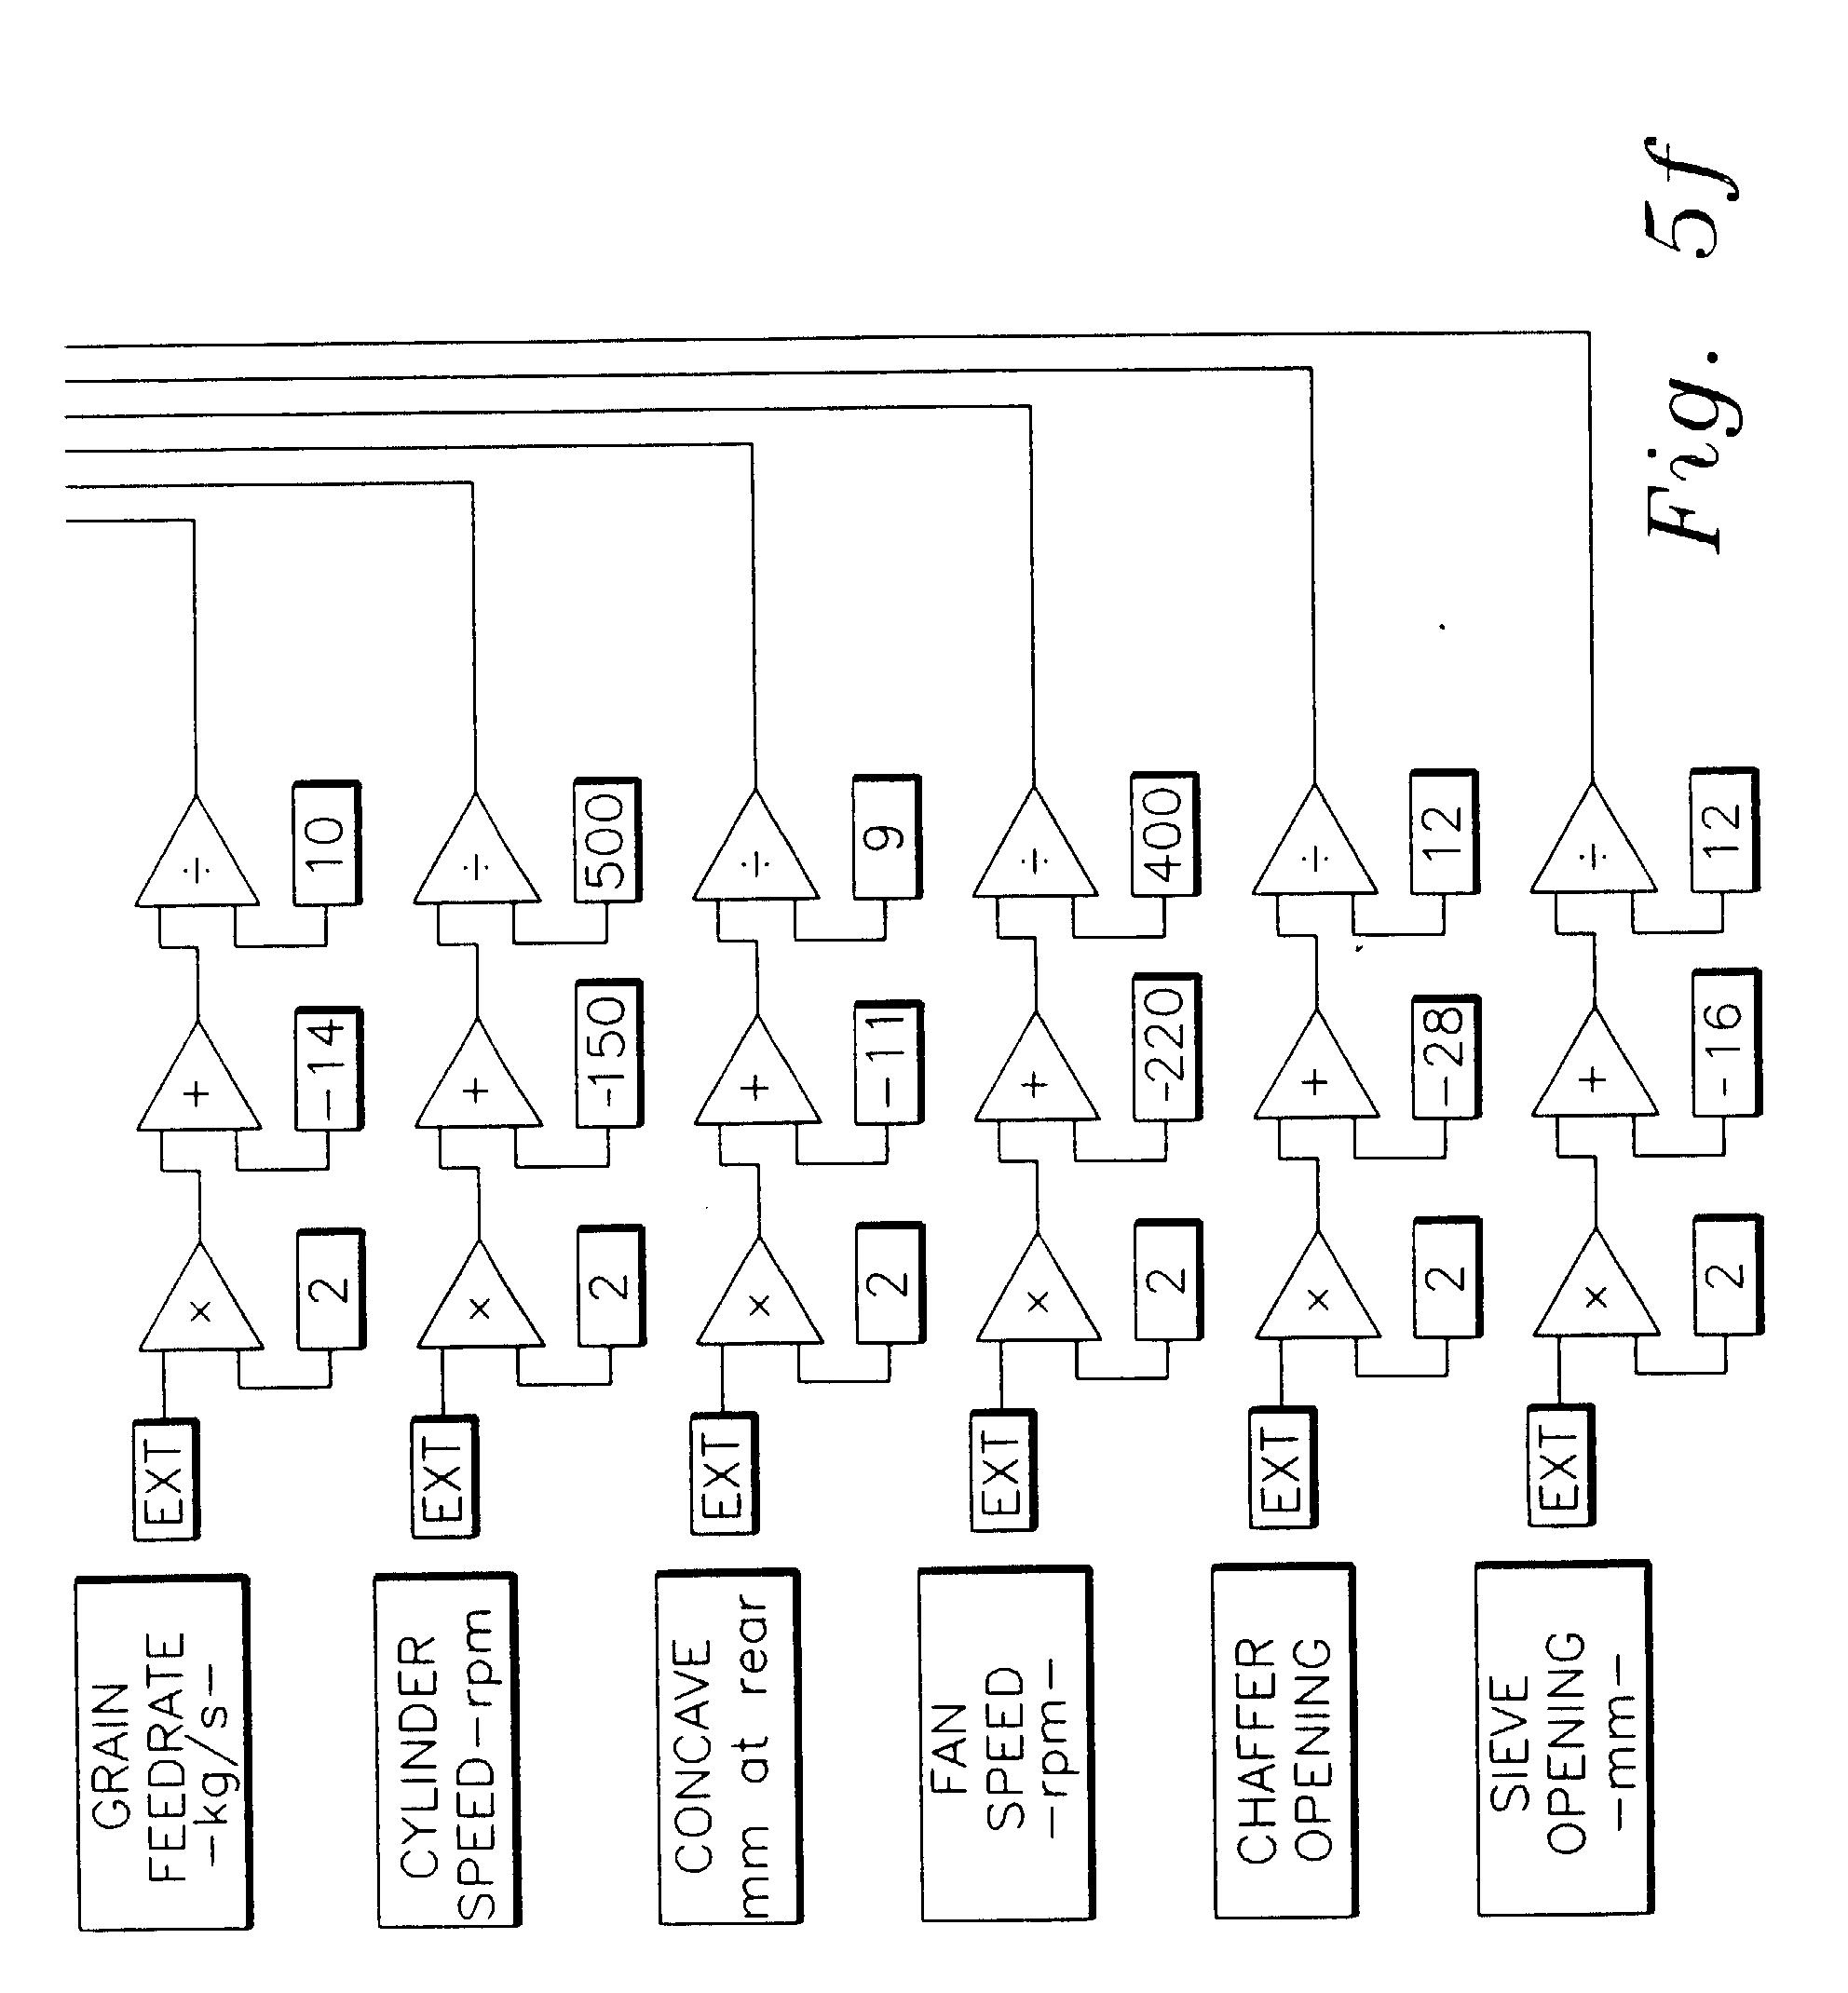 John Deere Combine Wiring Diagrams Manual Of Diagram Jd 3010 345 9600